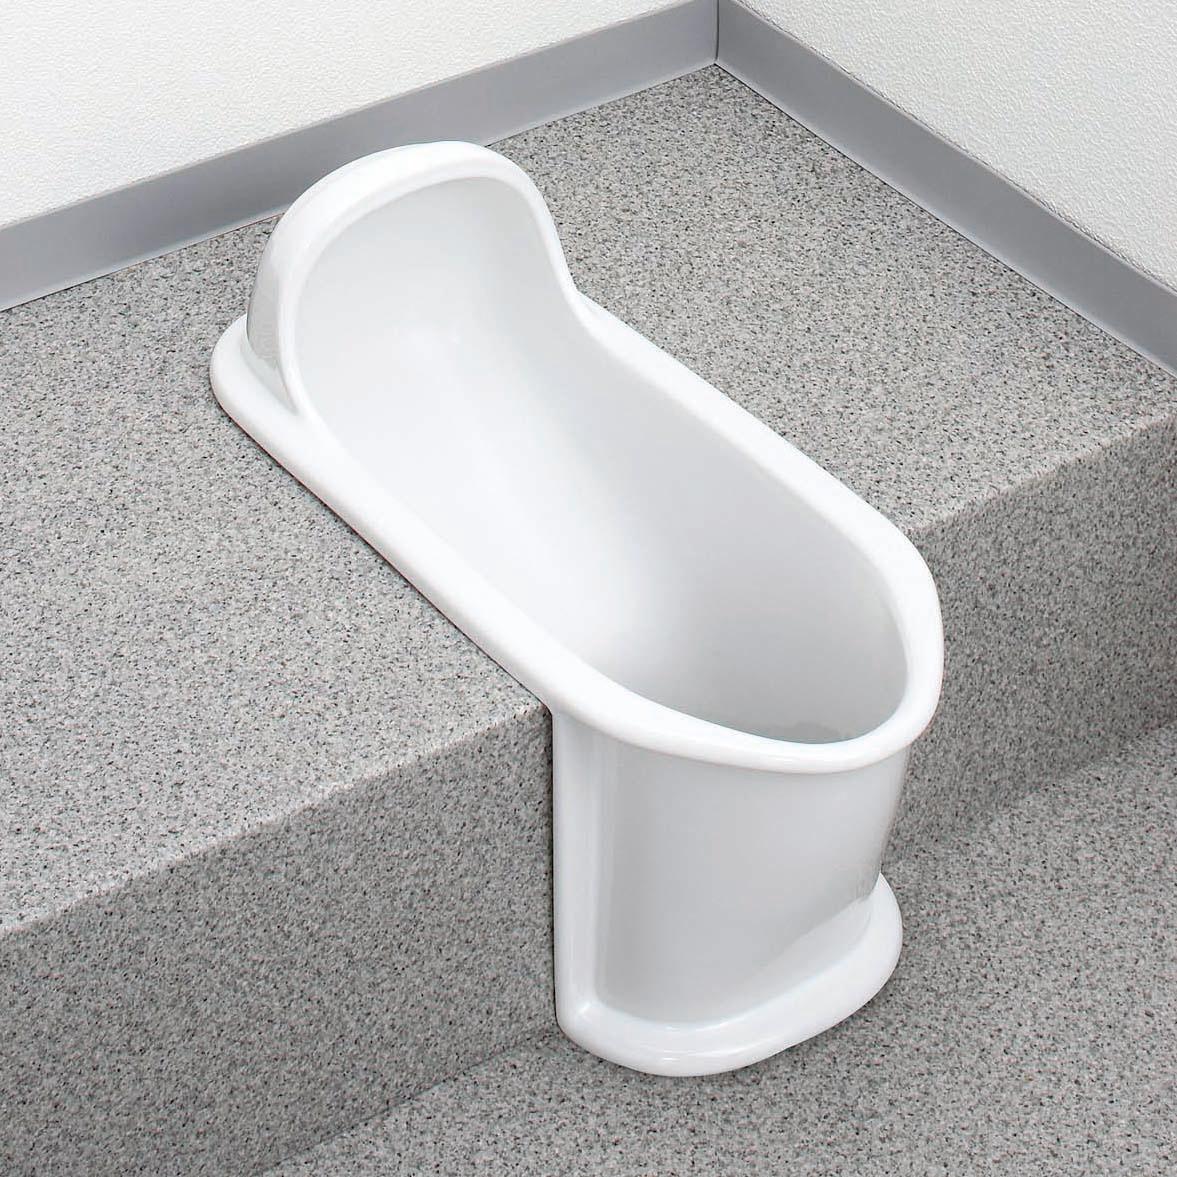 アサヒ衛陶 �水洗トイレ 和風便器 激安 �注生産� エプロン付�両用便器 C110